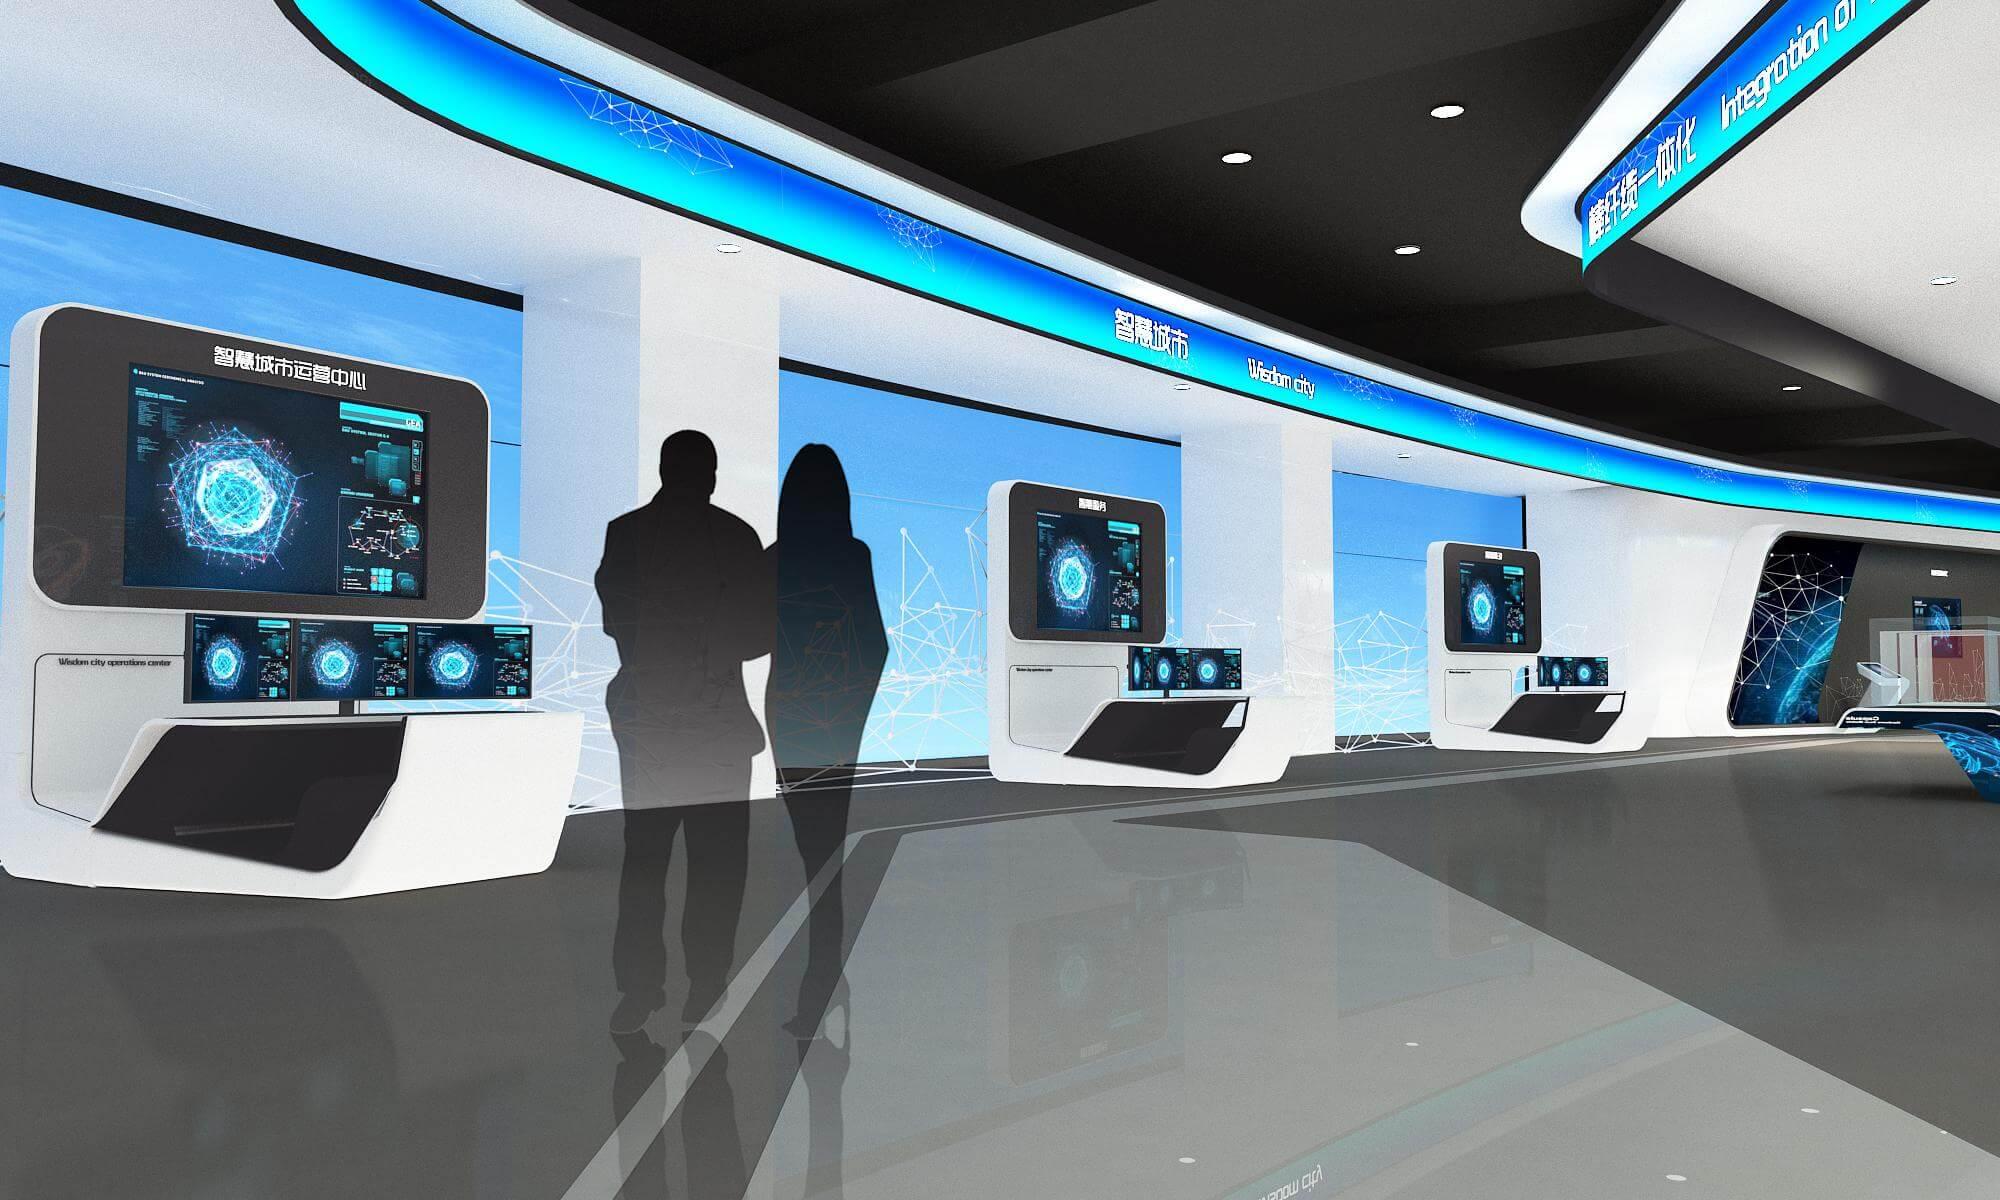 智慧仓的应用  将智慧城市运营中心,智慧警务图片